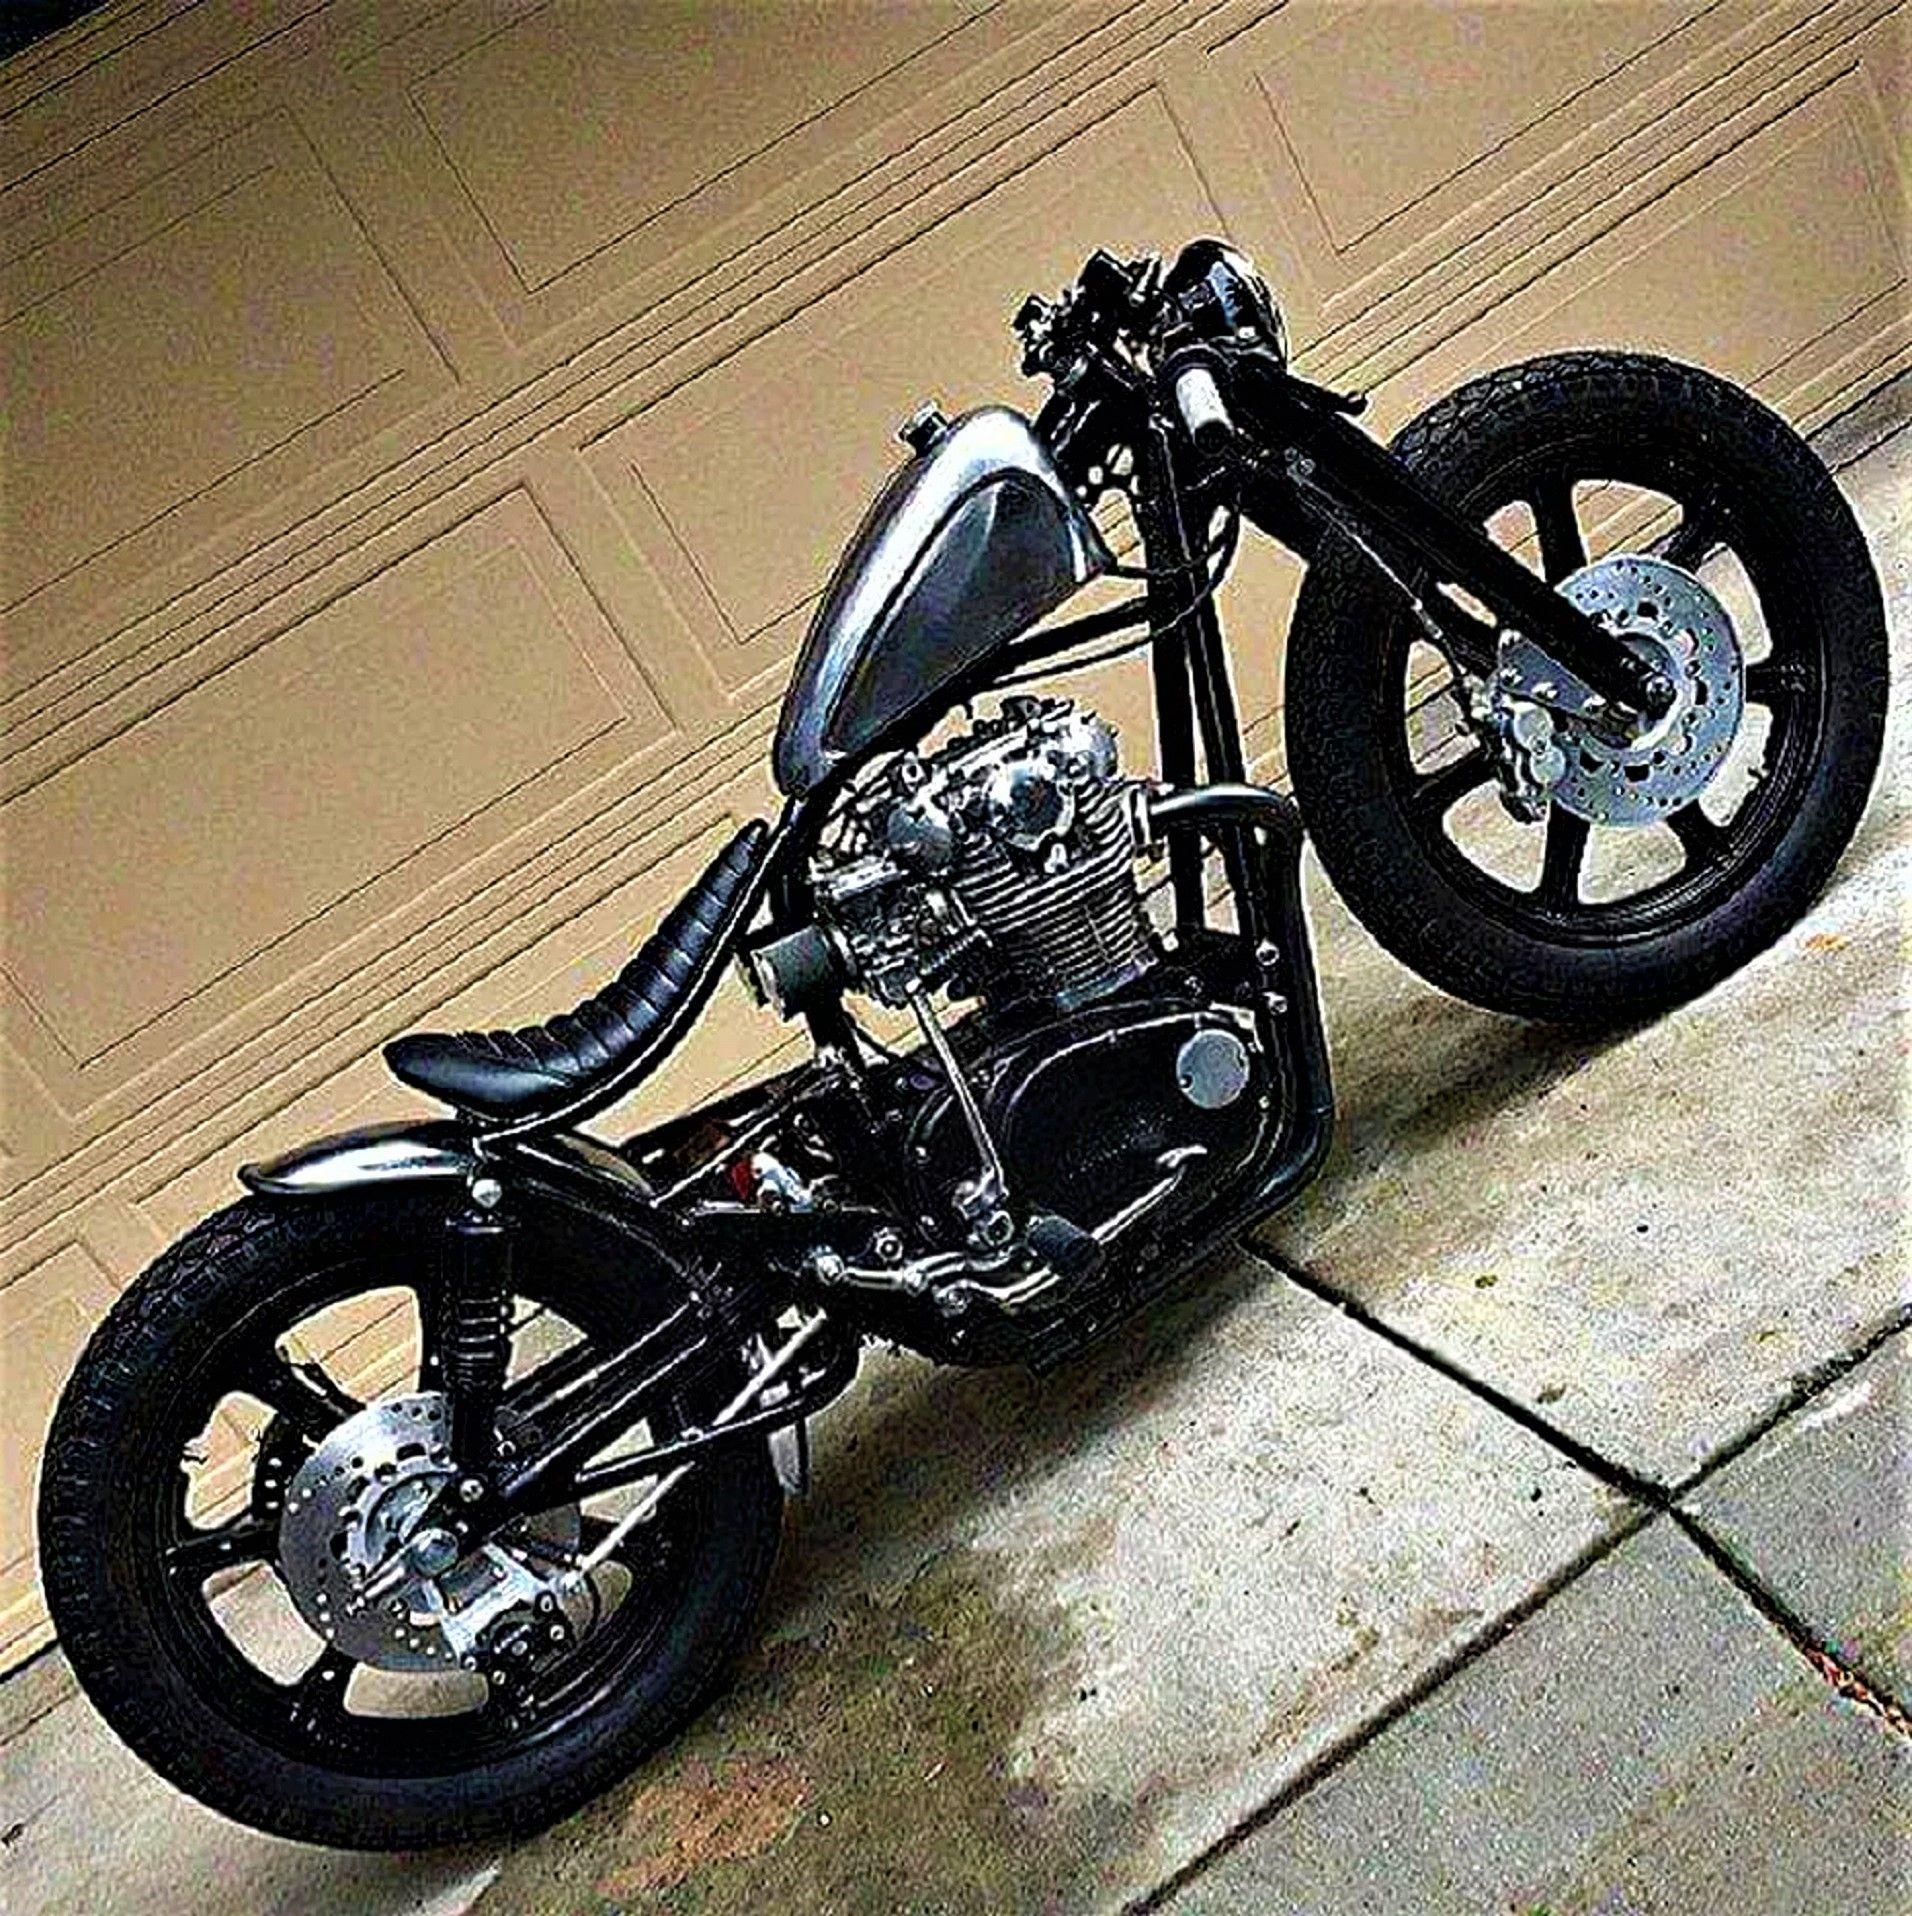 Bobber Brat Style Yamaha XS650